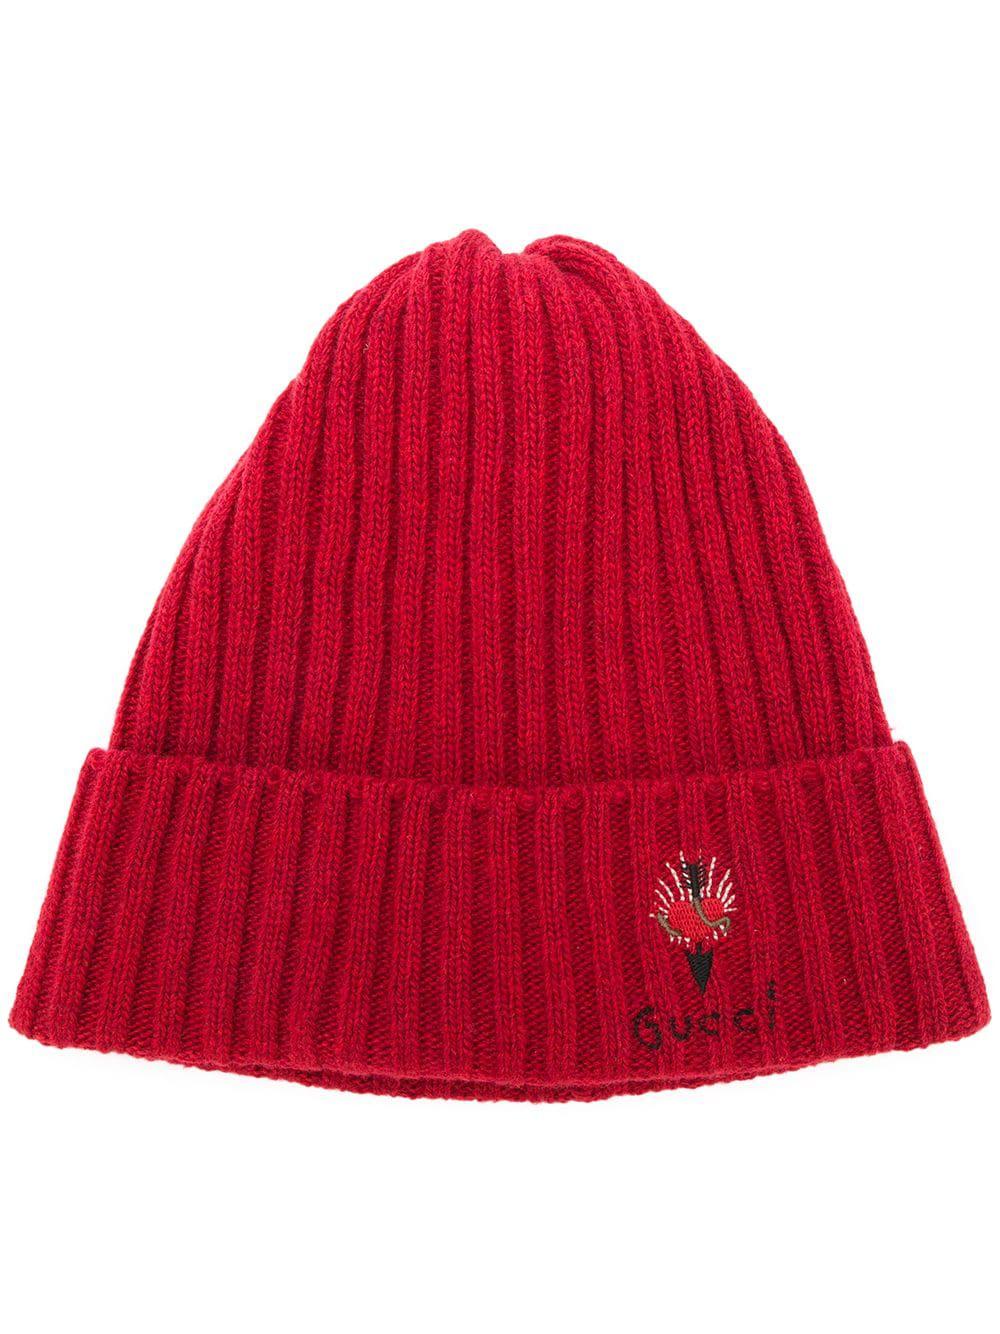 10c93bd6 Gucci Pierced Heart Beanie Hat - Red | ModeSens